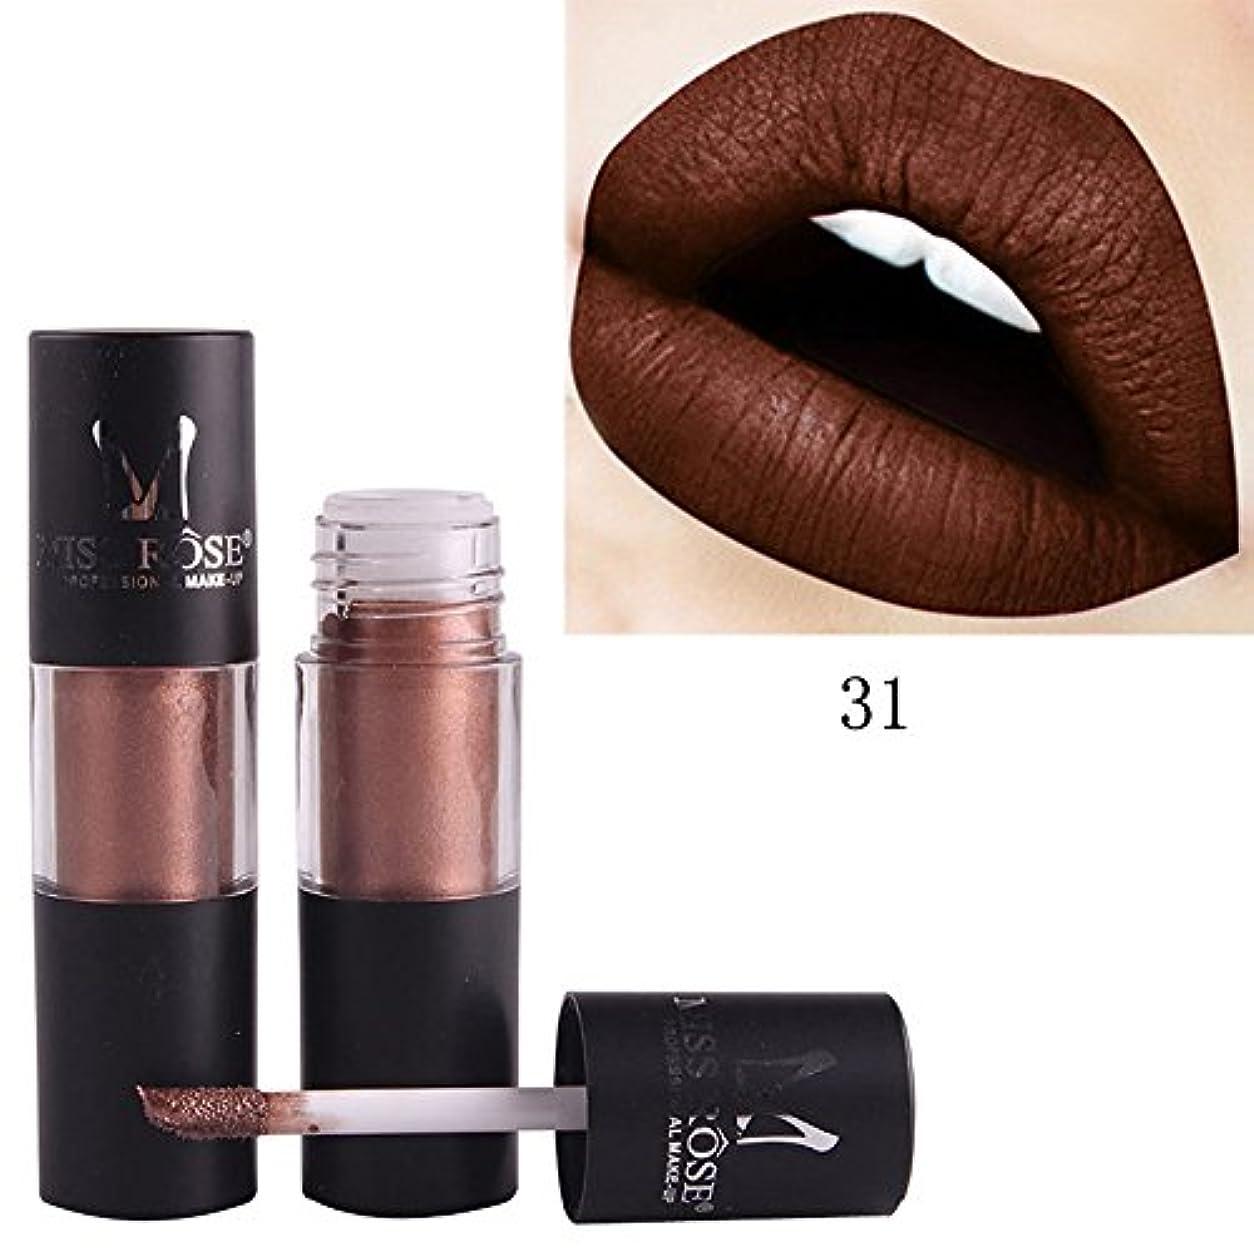 口紅 リップグレーズ 液体 リップバーム メタリック 無光沢 リップスティック リキッド 化粧品 美容 リップクリーム つや消し メイク 唇に塗っっていつもよりセクシー魅力を与えるルージュhuajuan (G)